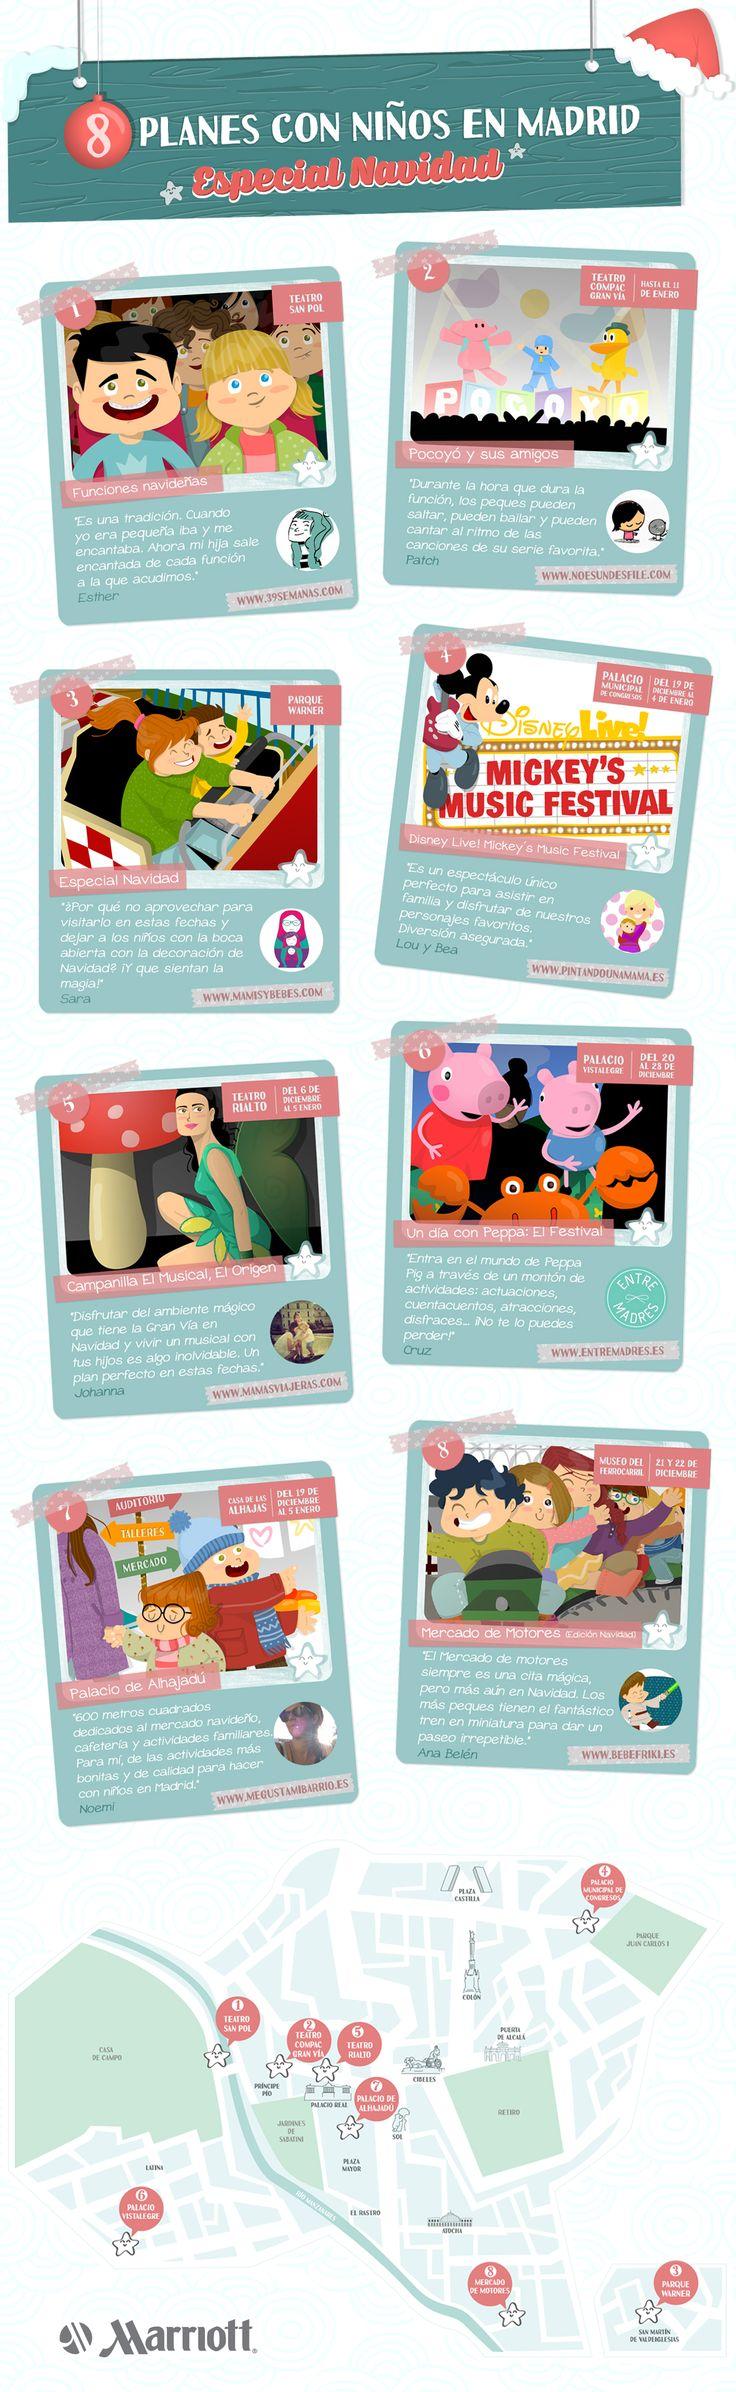 Los Hoteles Marriott en colaboración con 8 grandes madres (¡y bloggers!) españolas han preparado un listado con 8 maravillosos planes para realizar con niños en Madrid durante la Navidad. Puedes elegir entre funciones de teatro, festivales, musicales, mercadillos navideños. Planes para todos los gustos y bolsillos. Descúbrelos todos en http://viajes.espanol.marriott.com/madrid/8-planes-ninos-madrid-especial-navidad/.